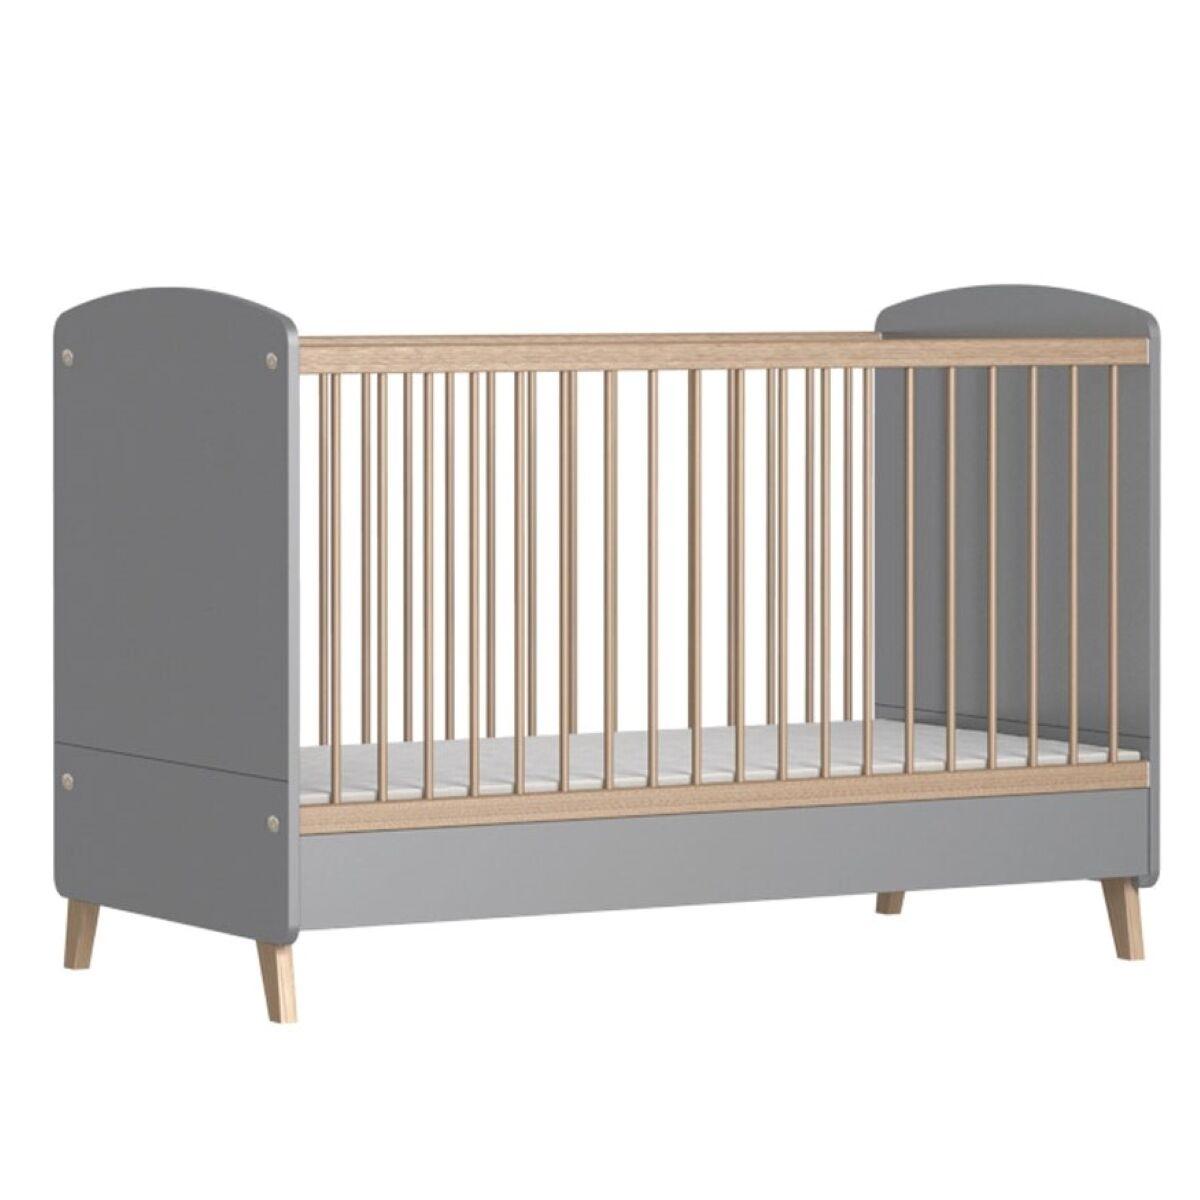 ID Kids Lit bébé évolutif Panneaux de bois 70x140 Gris, bois